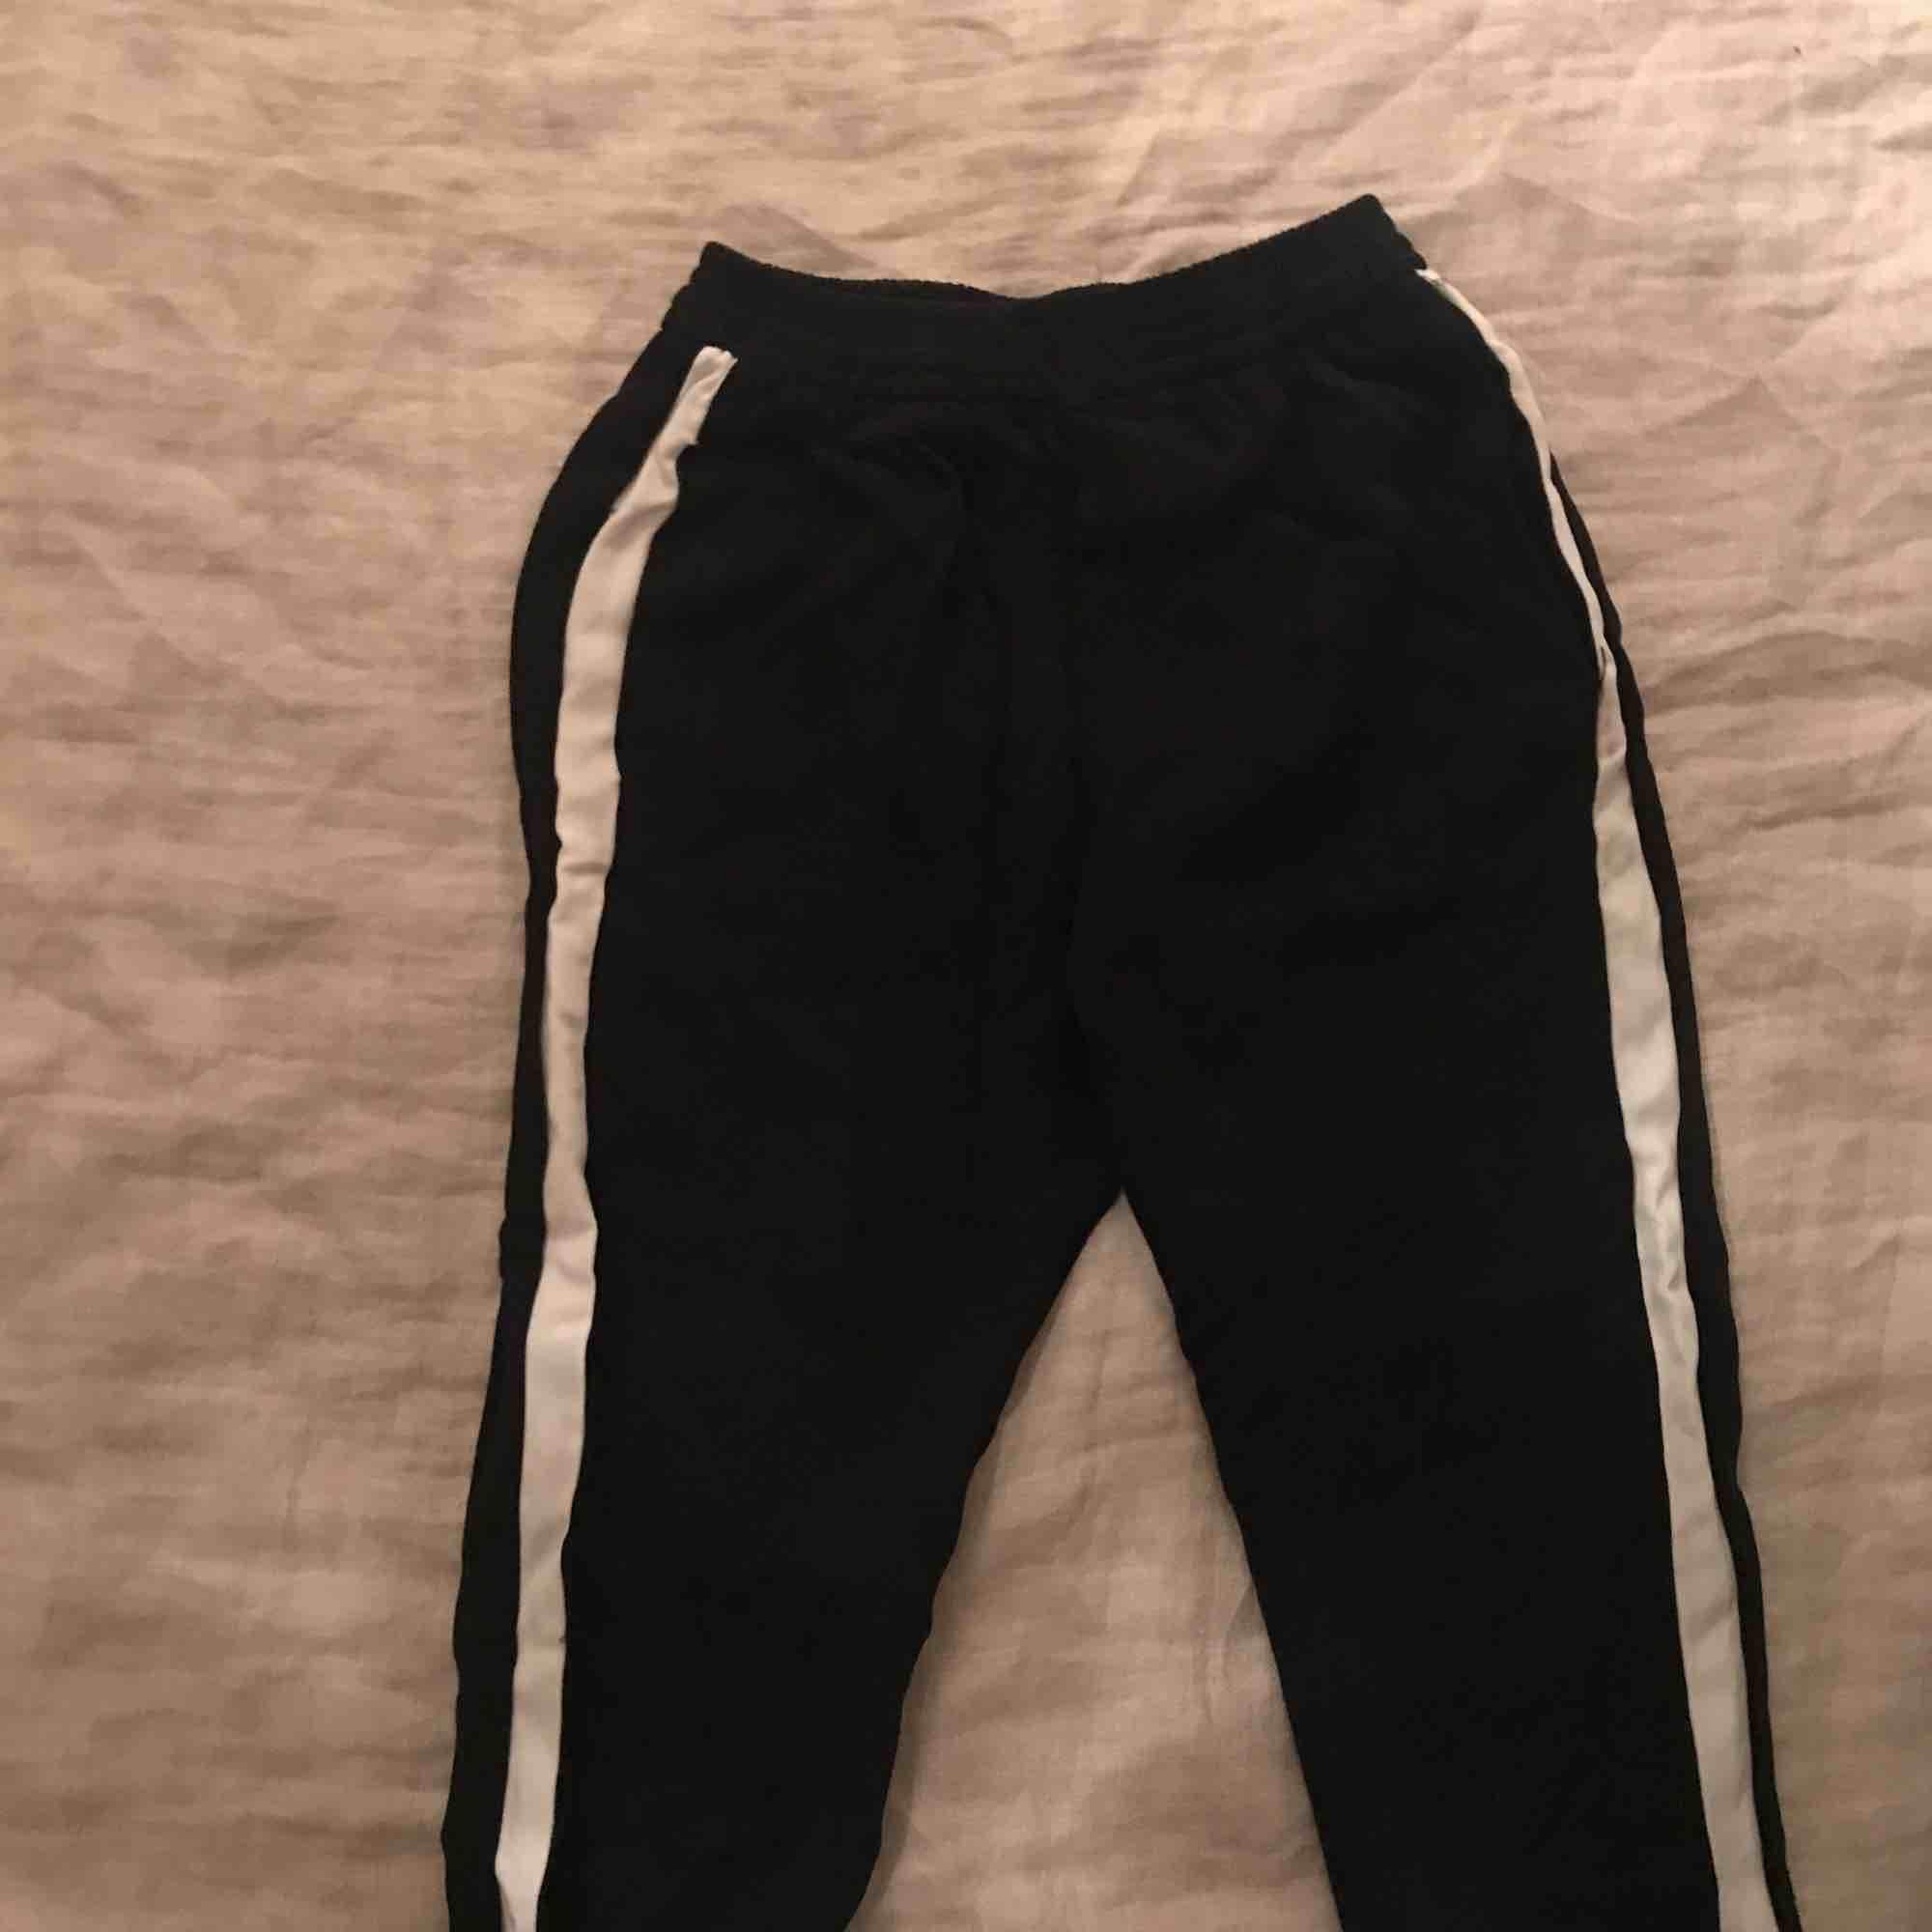 Supersköna svarta byxor med vita - Zara Jeans   Byxor - Second Hand 7f16c173de719